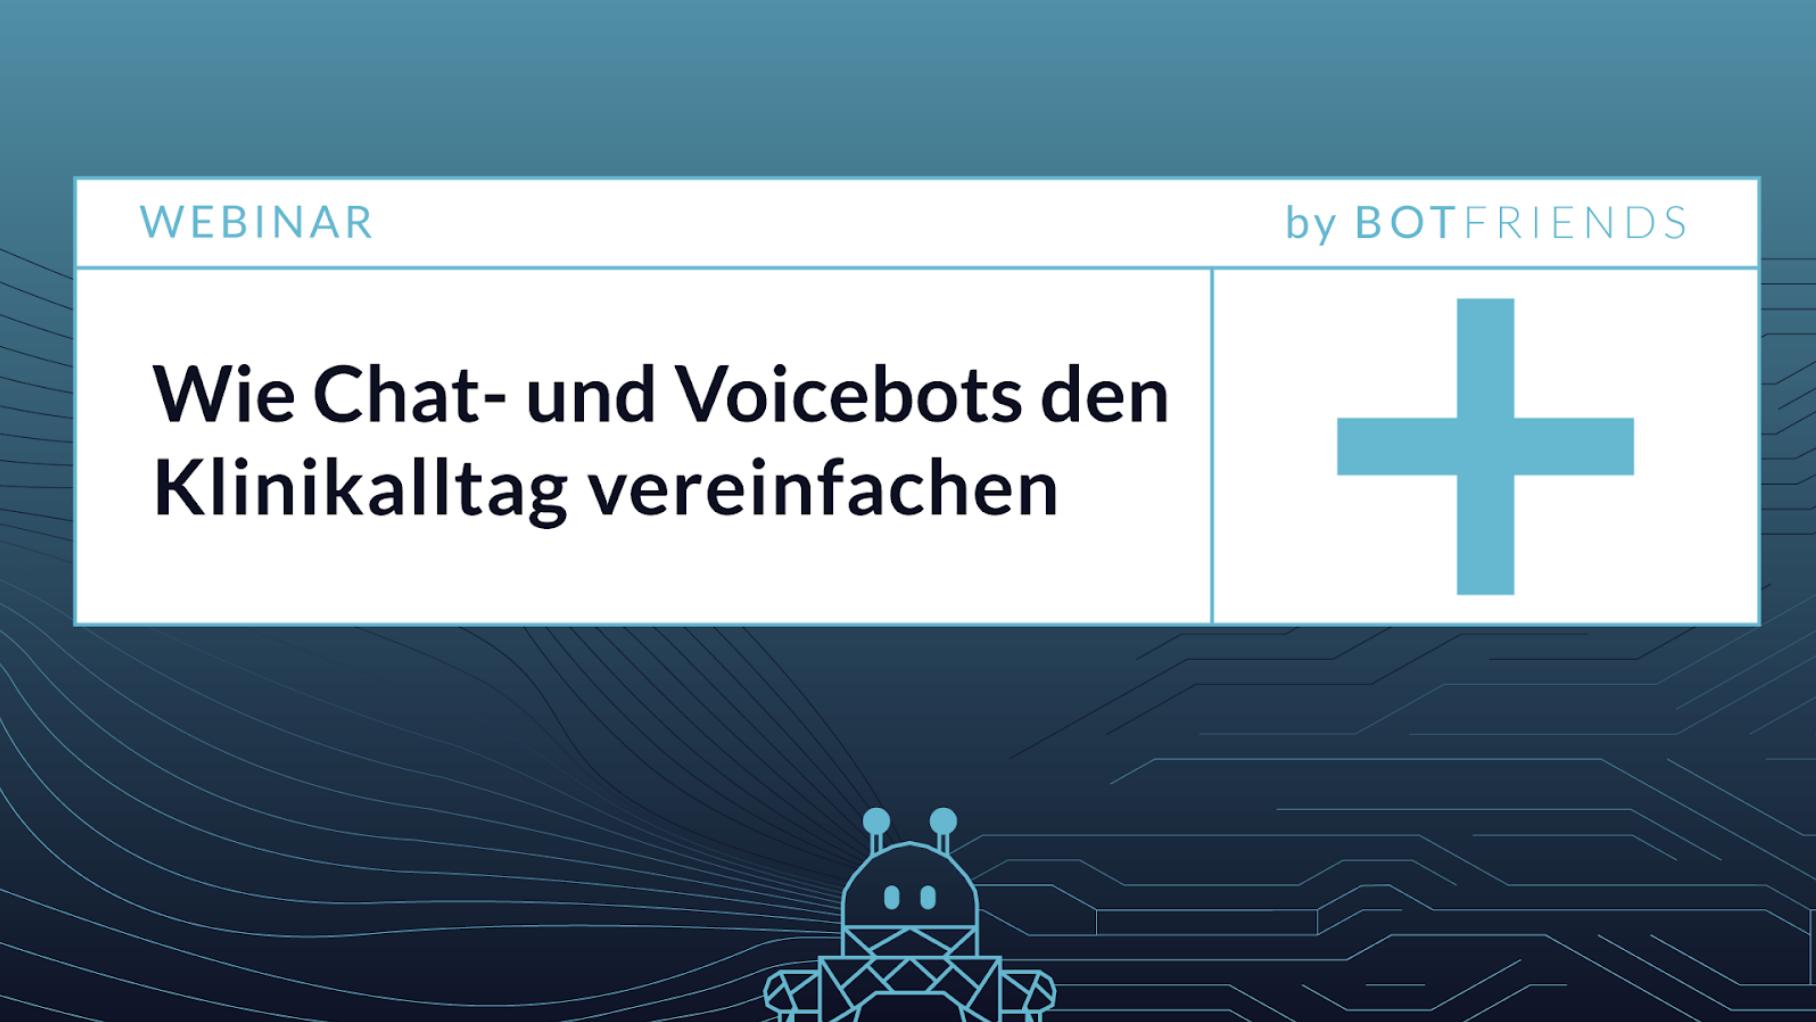 Titelbild des Webinars Wie Chatbots und Voicebots den Klinikalltag vereinfachen